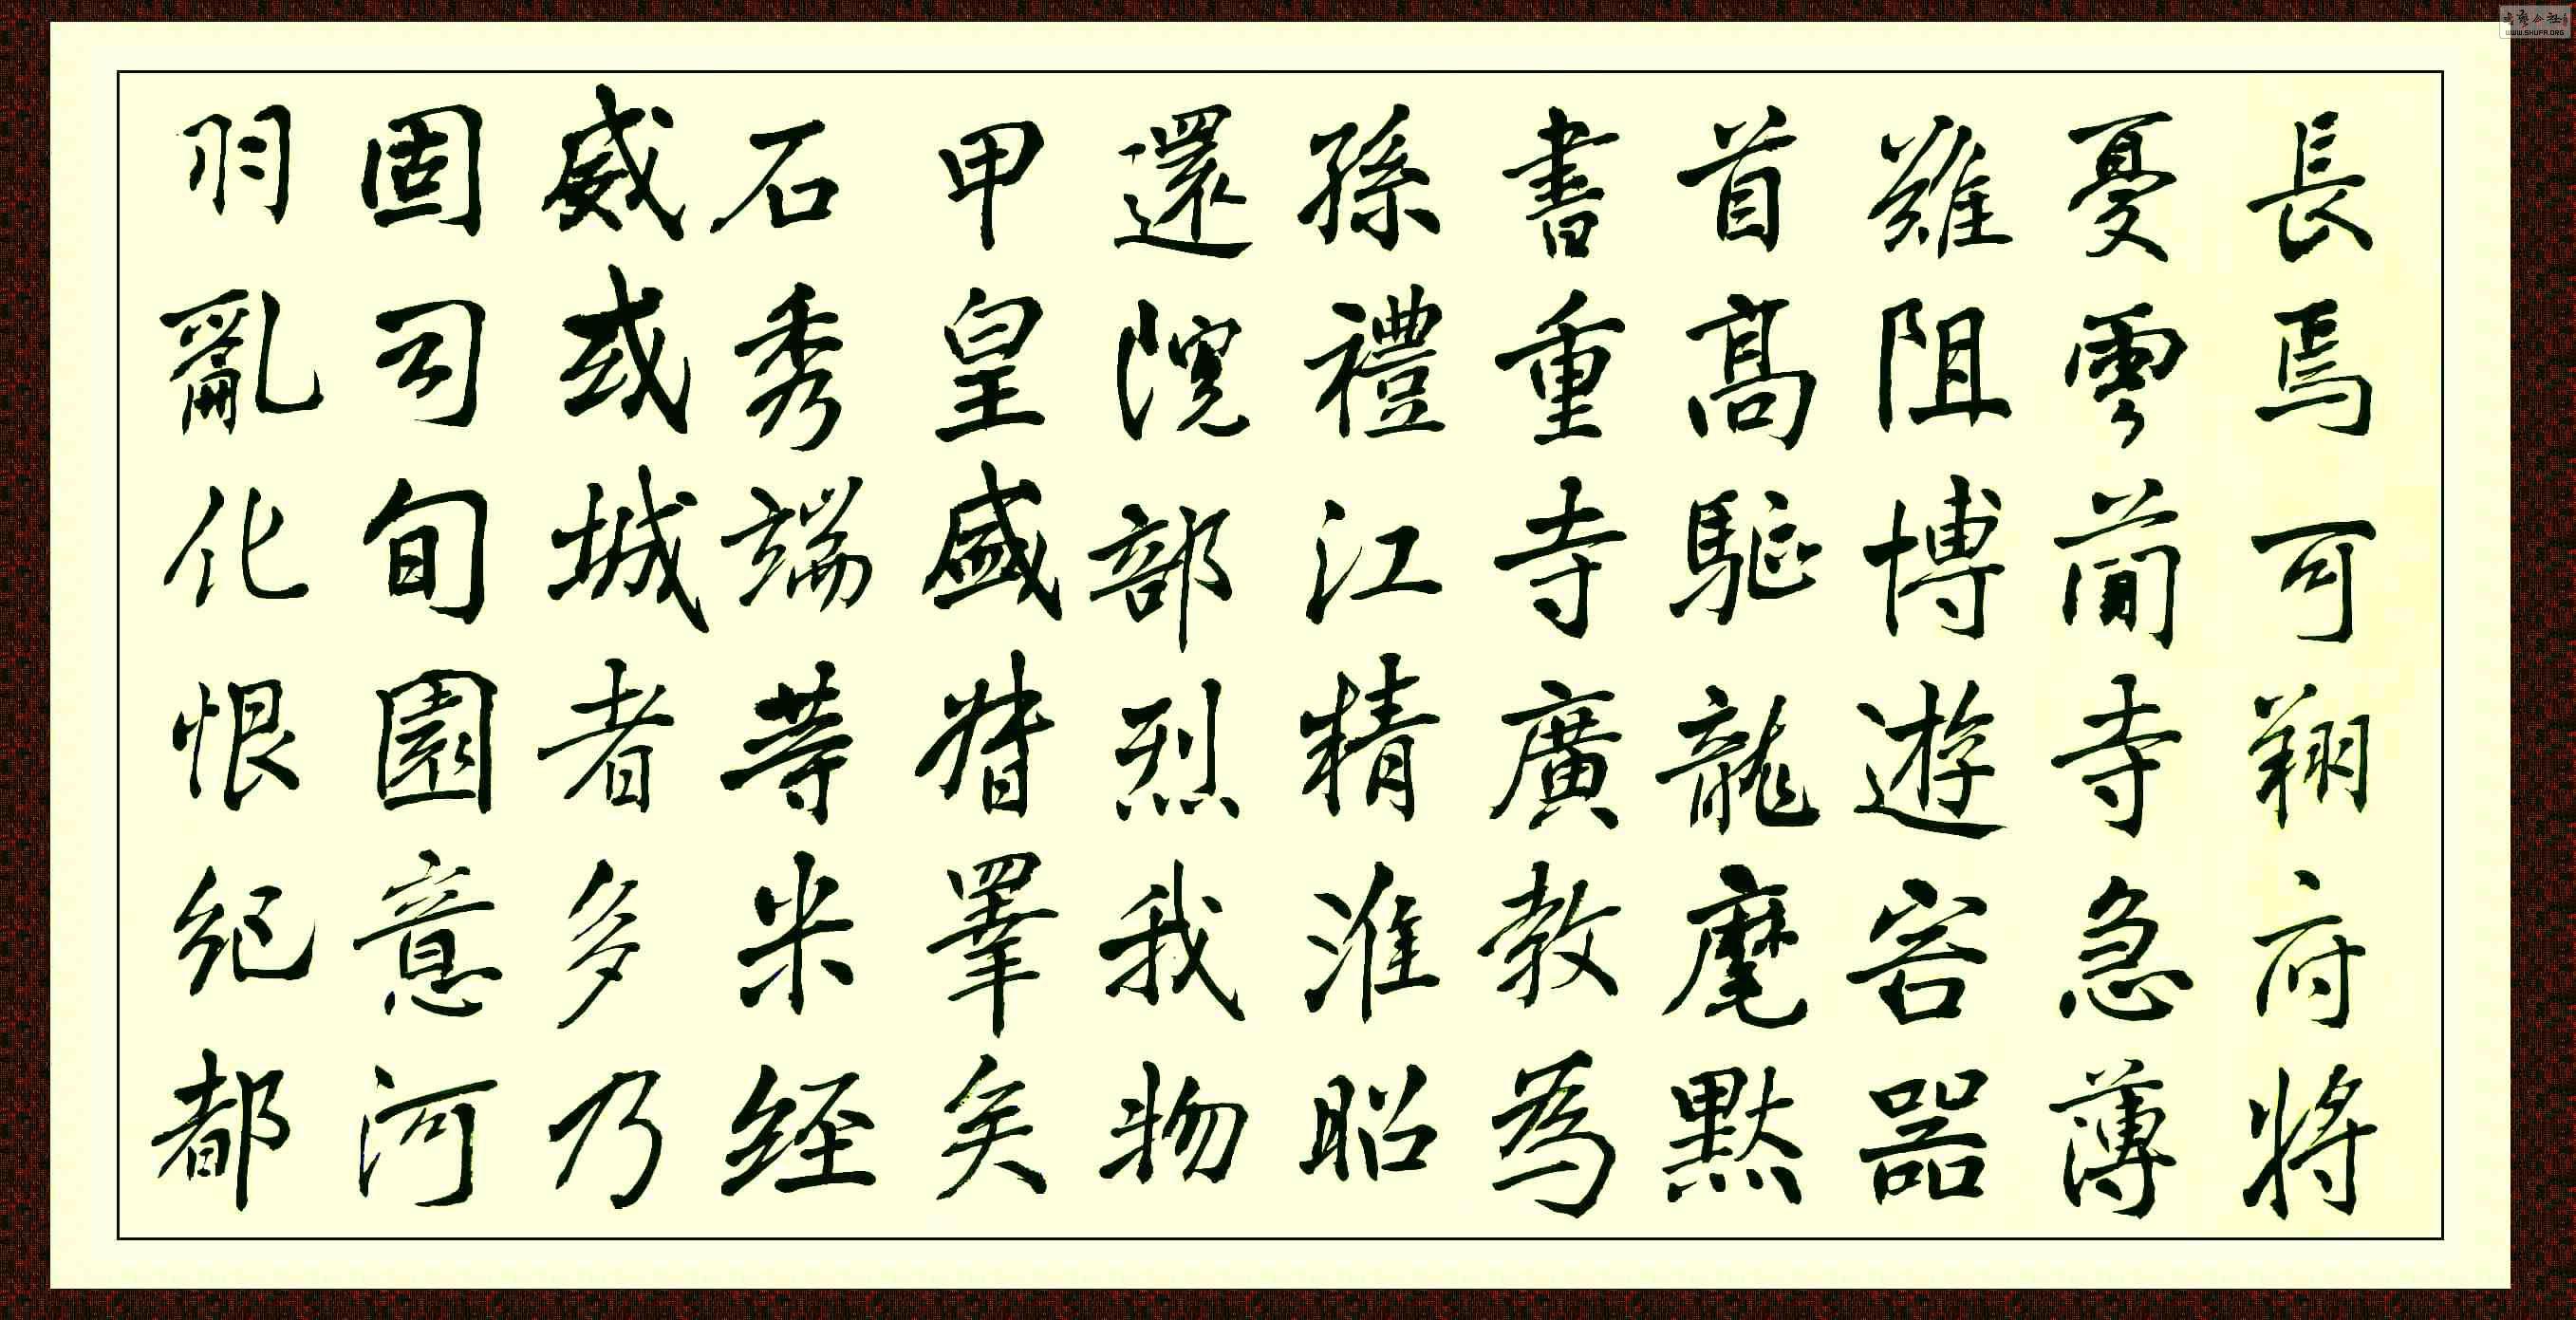 2013-5-23(39) 临李北海 《李思训碑》